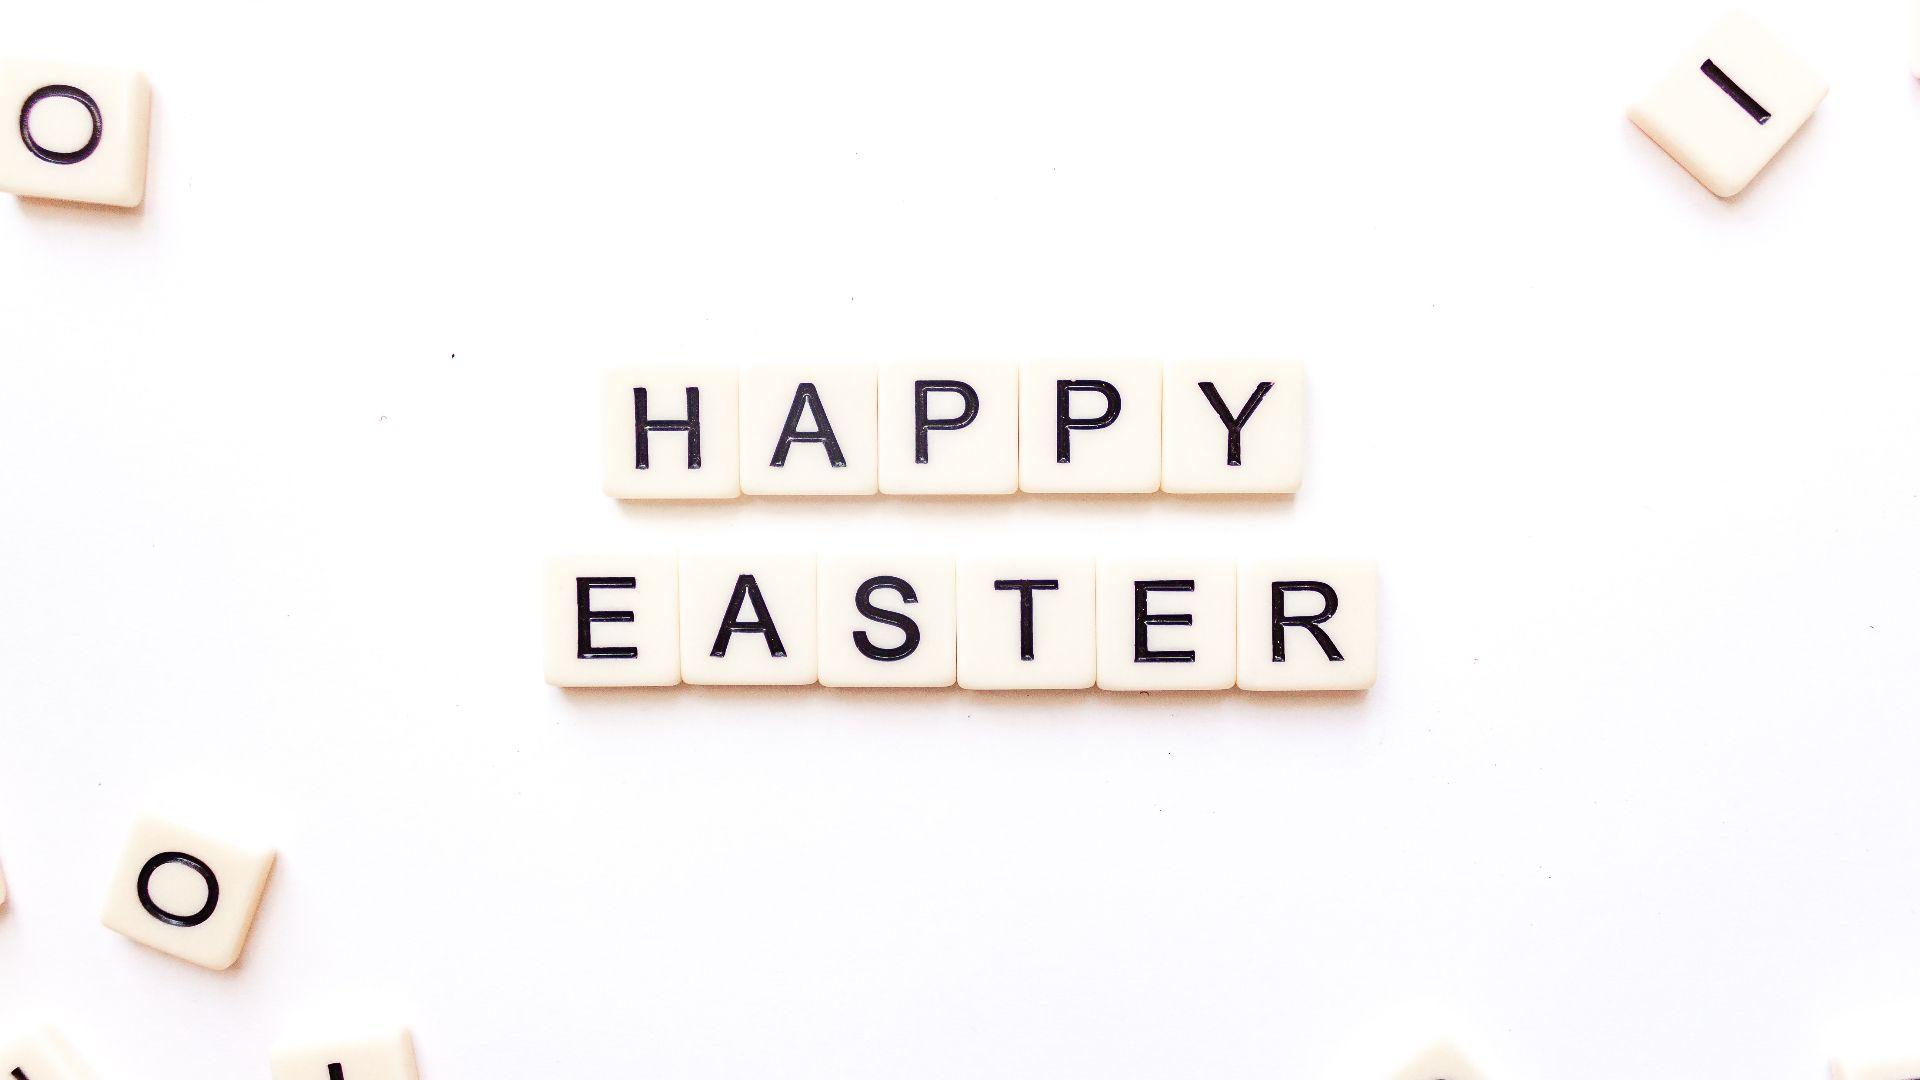 Scrabble-Buchstaben, die Frohe Ostern buchstabieren